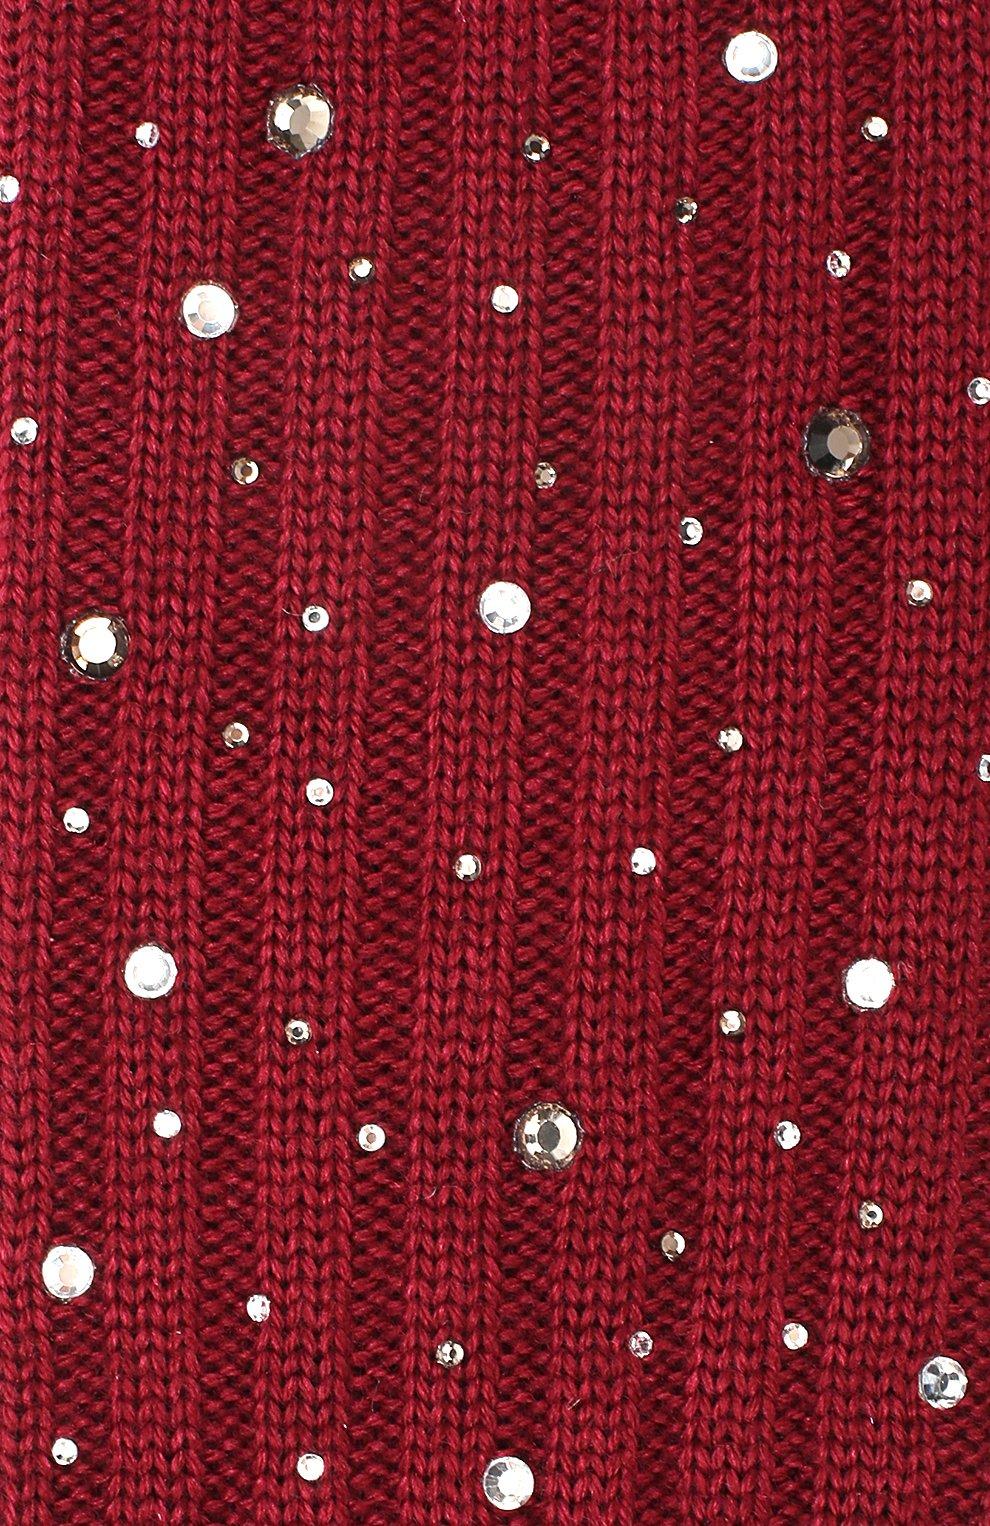 Детские гольфы из смеси шерсти и шелка La Perla бордового цвета   Фото №2